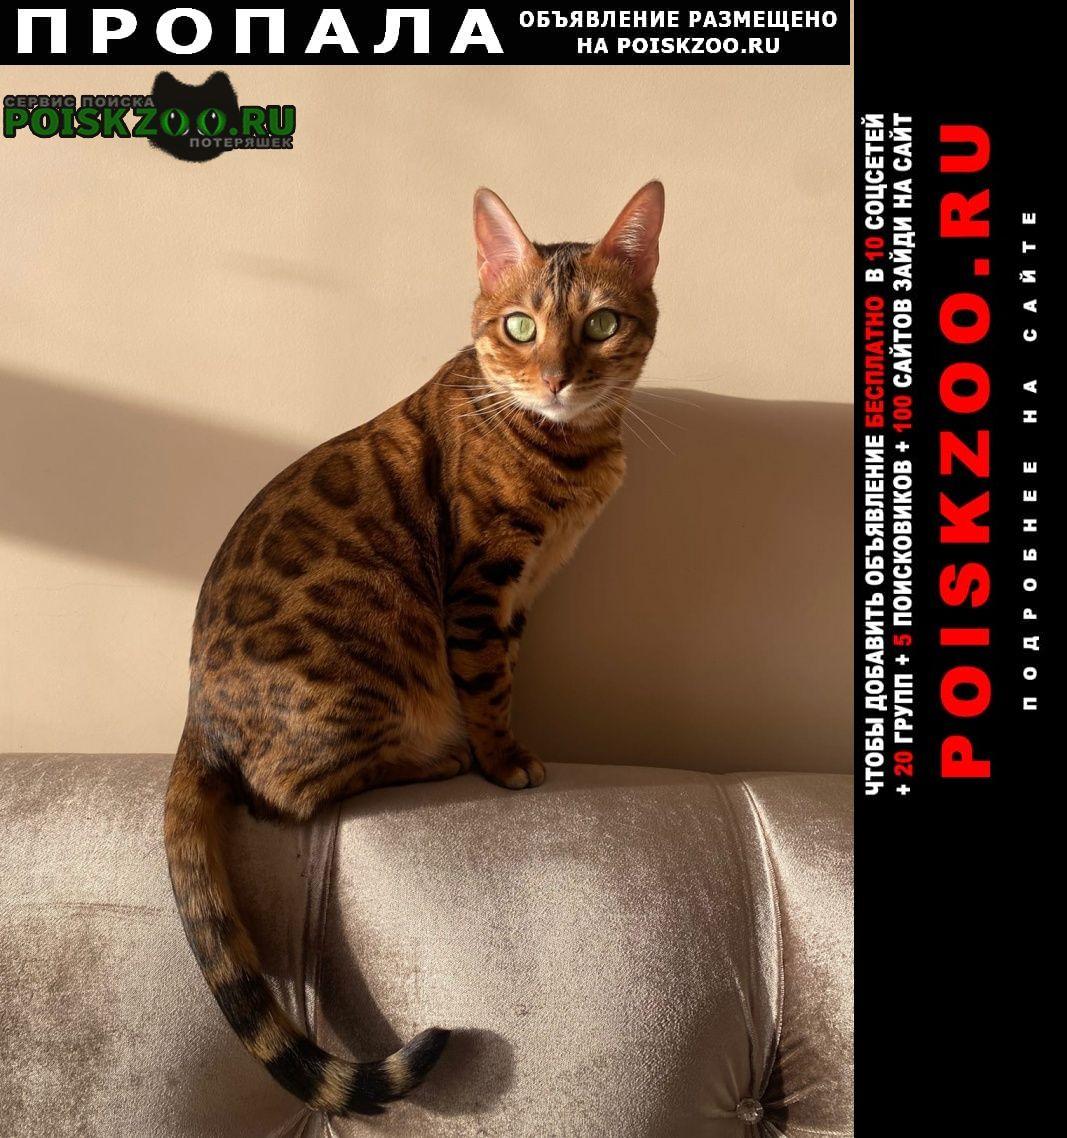 Пропала кошка Красково